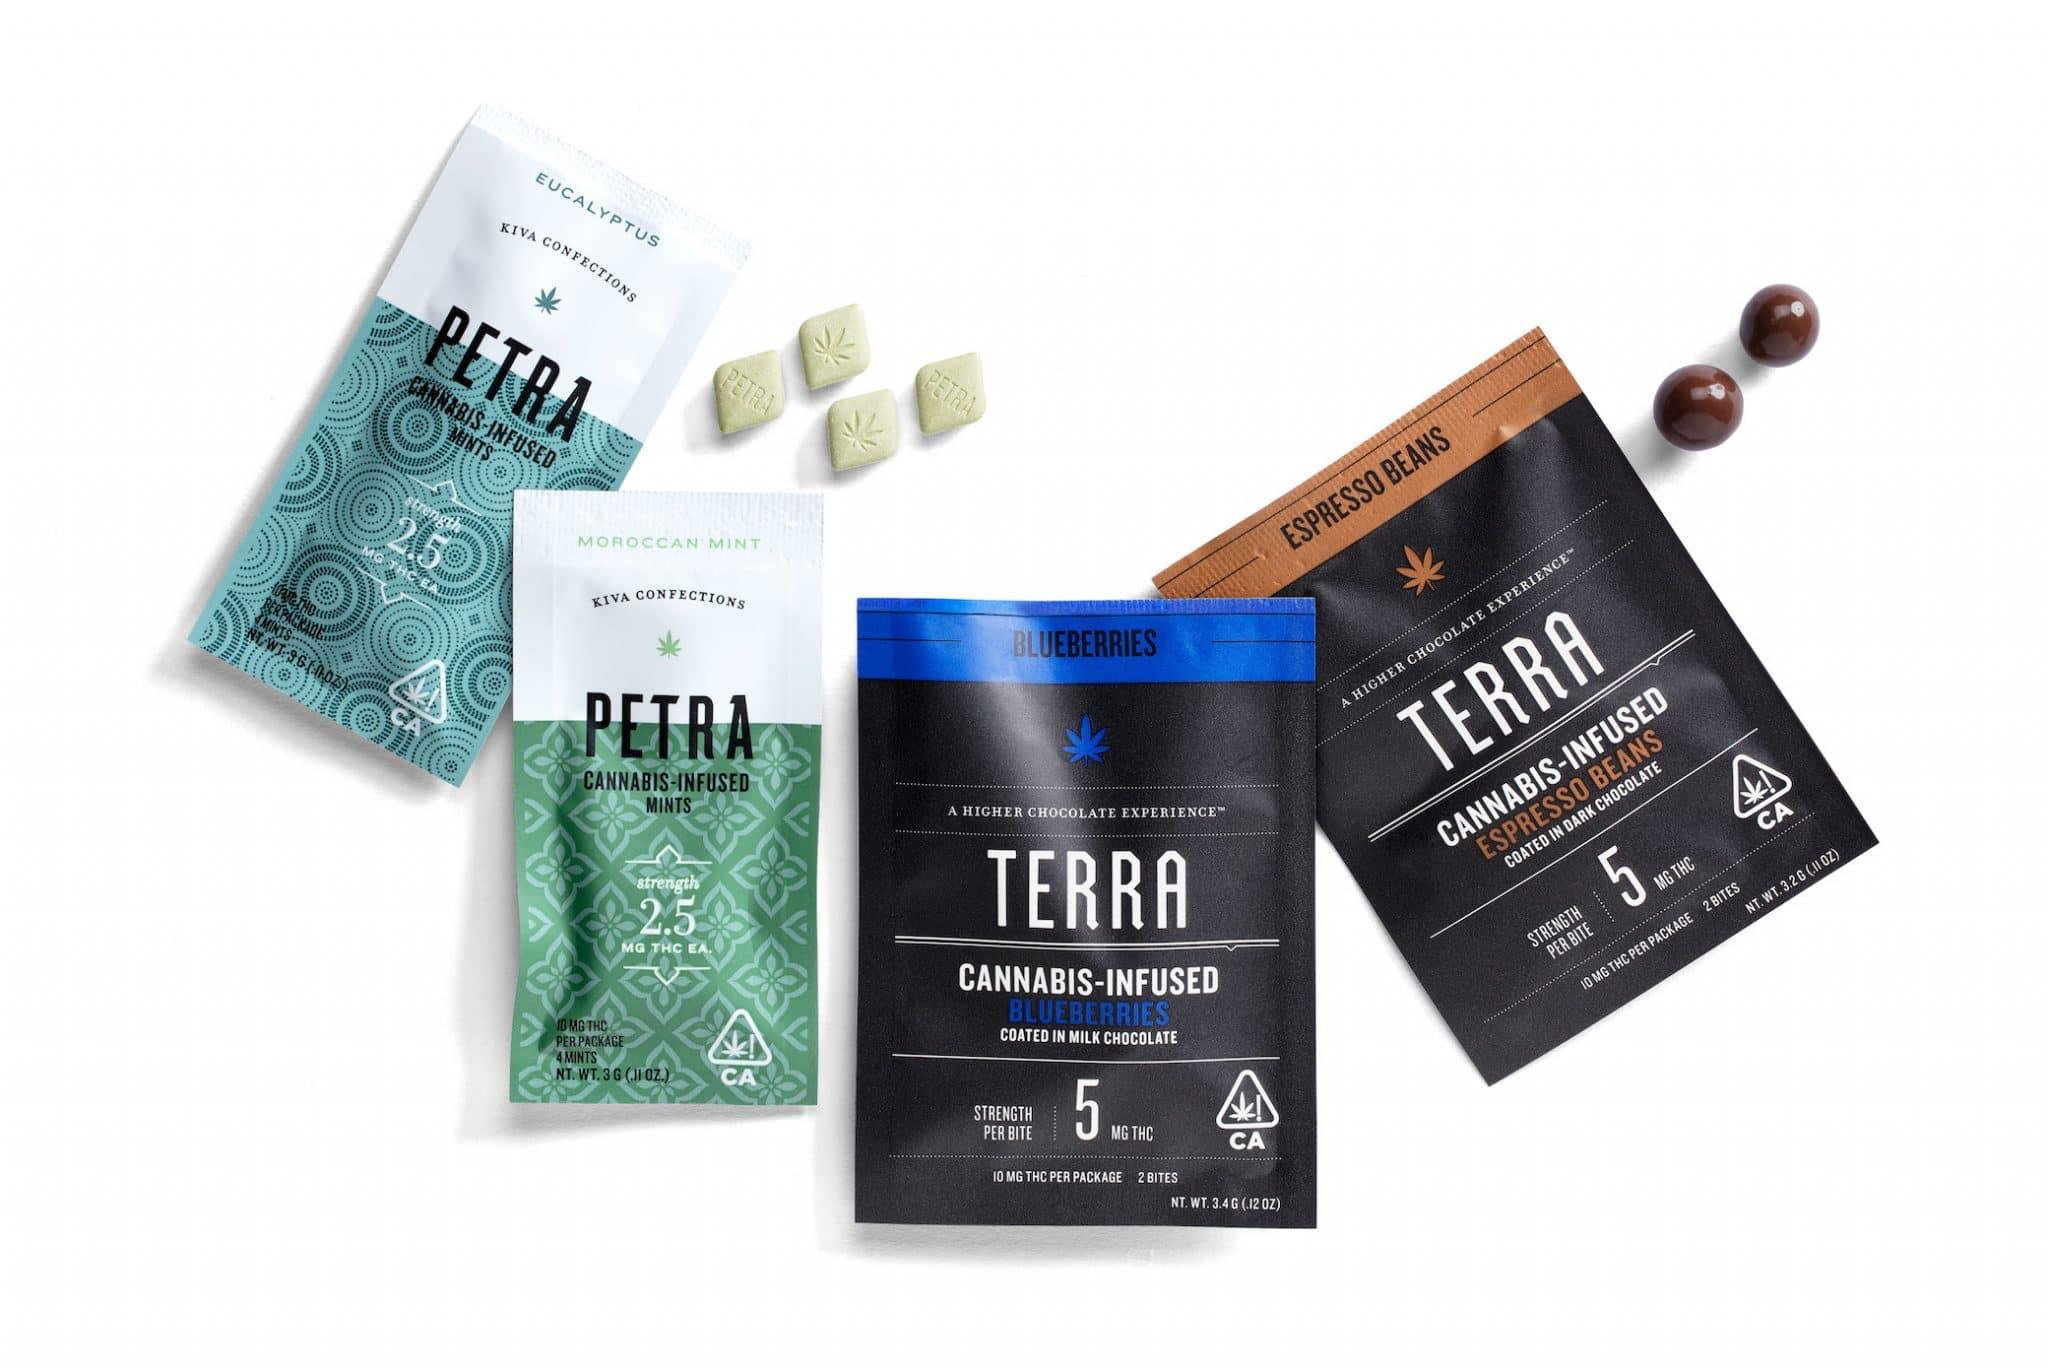 Kiva Products